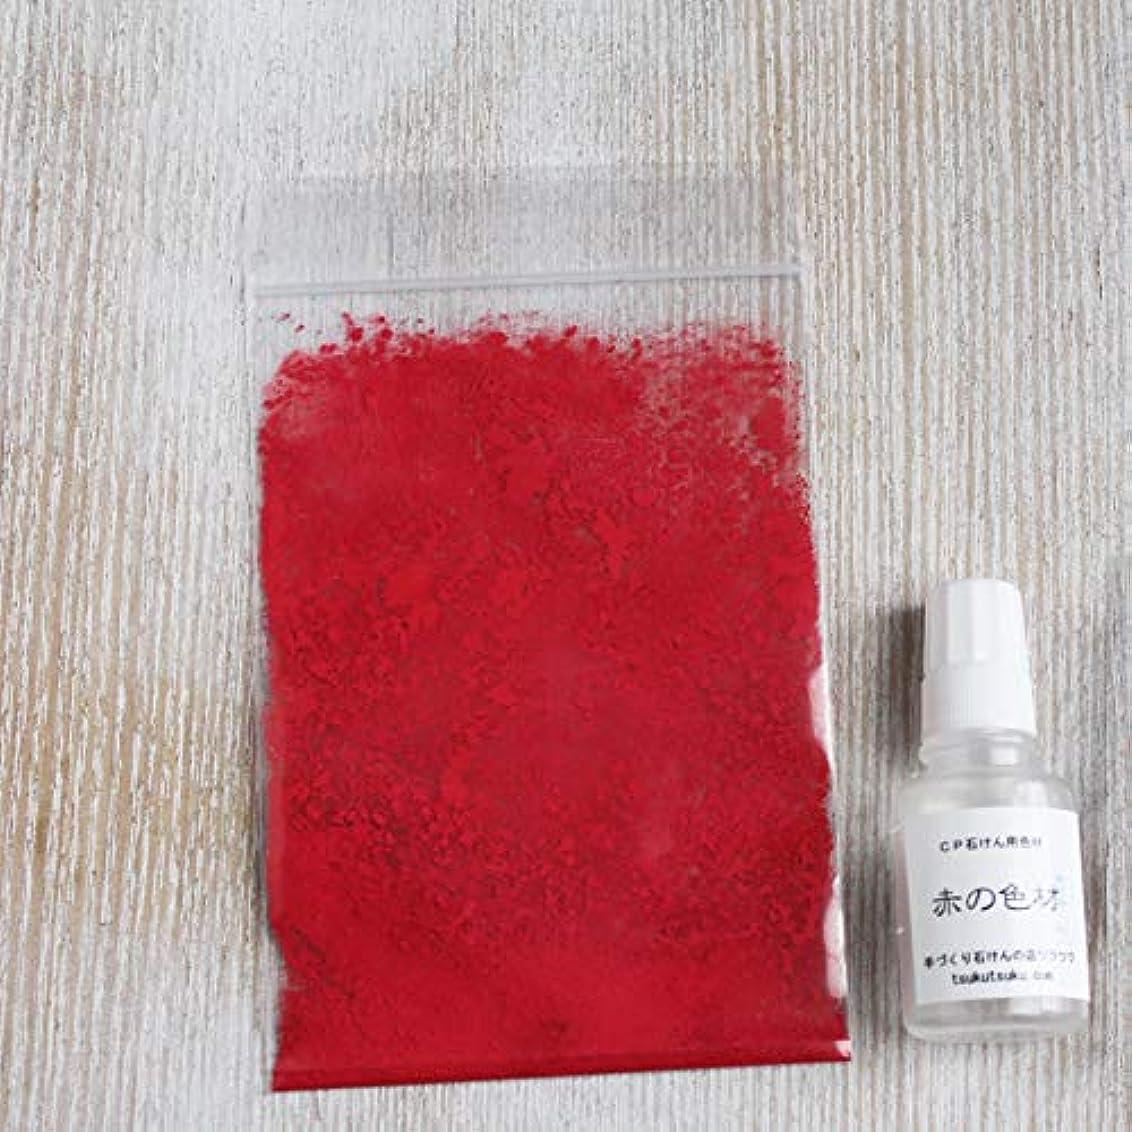 すり減る説明幻影CP石けん用色材 赤の色材キット/手作り石けん?手作り化粧品材料